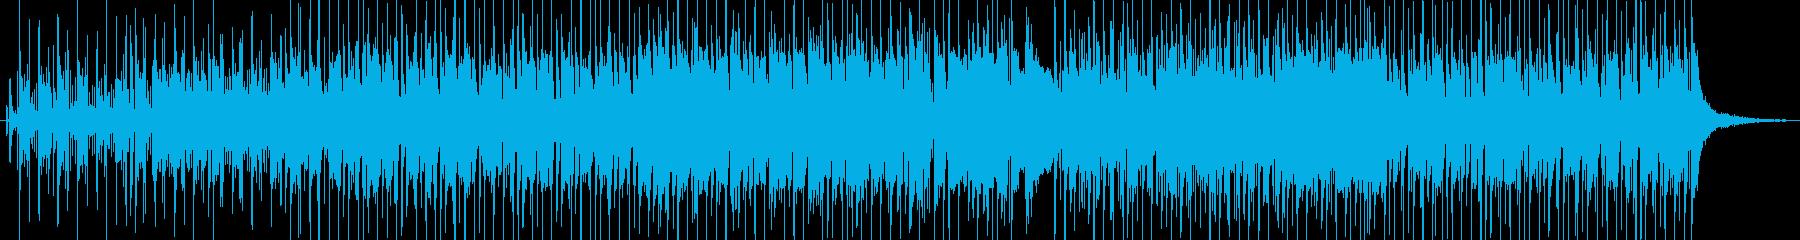 疾走感あるファンキーなナンバーの再生済みの波形